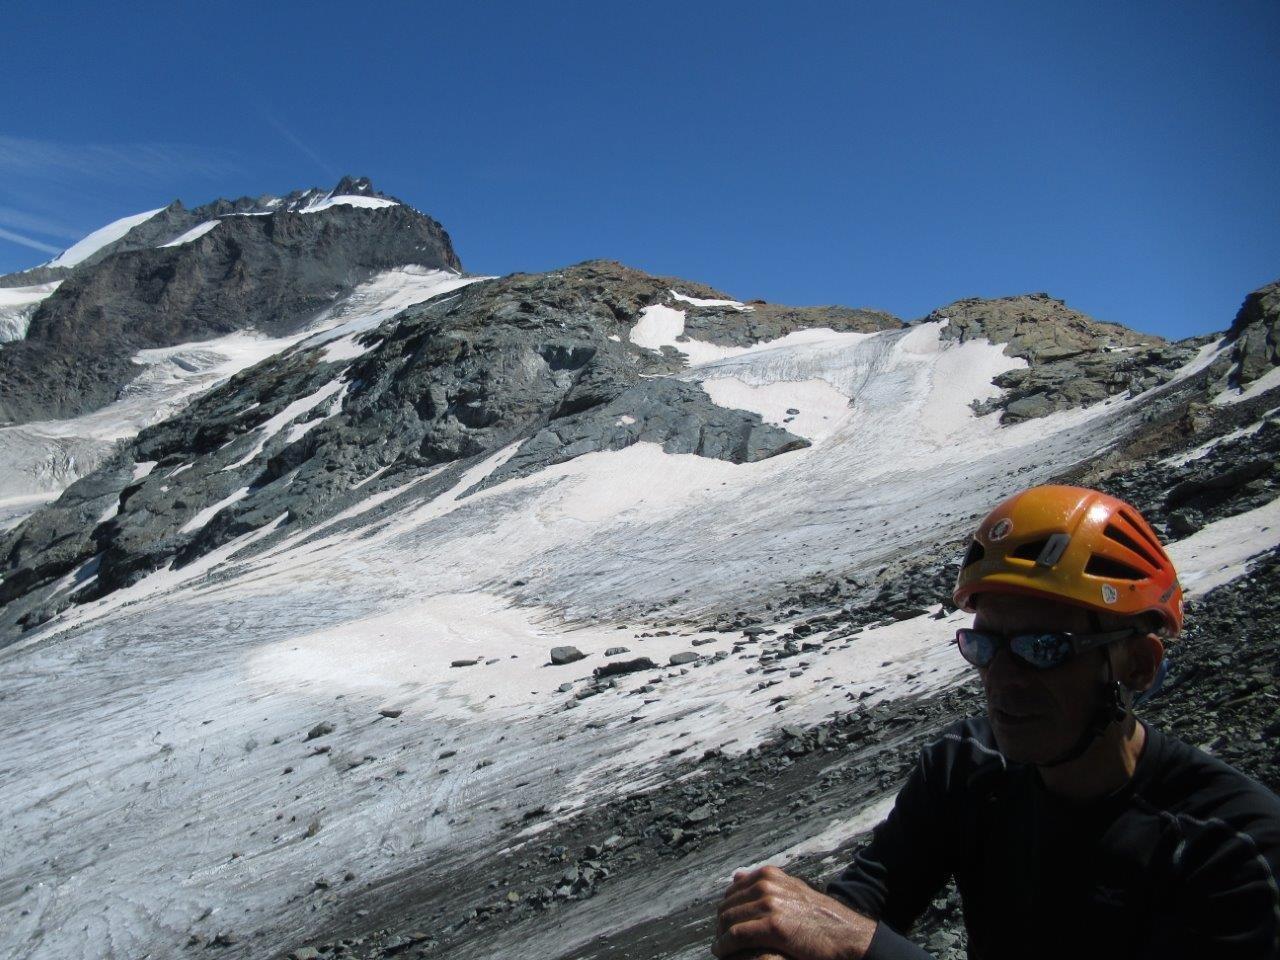 uno sguardo indietro con vista sul percorso che abbiamo seguito sul ghiacciaio